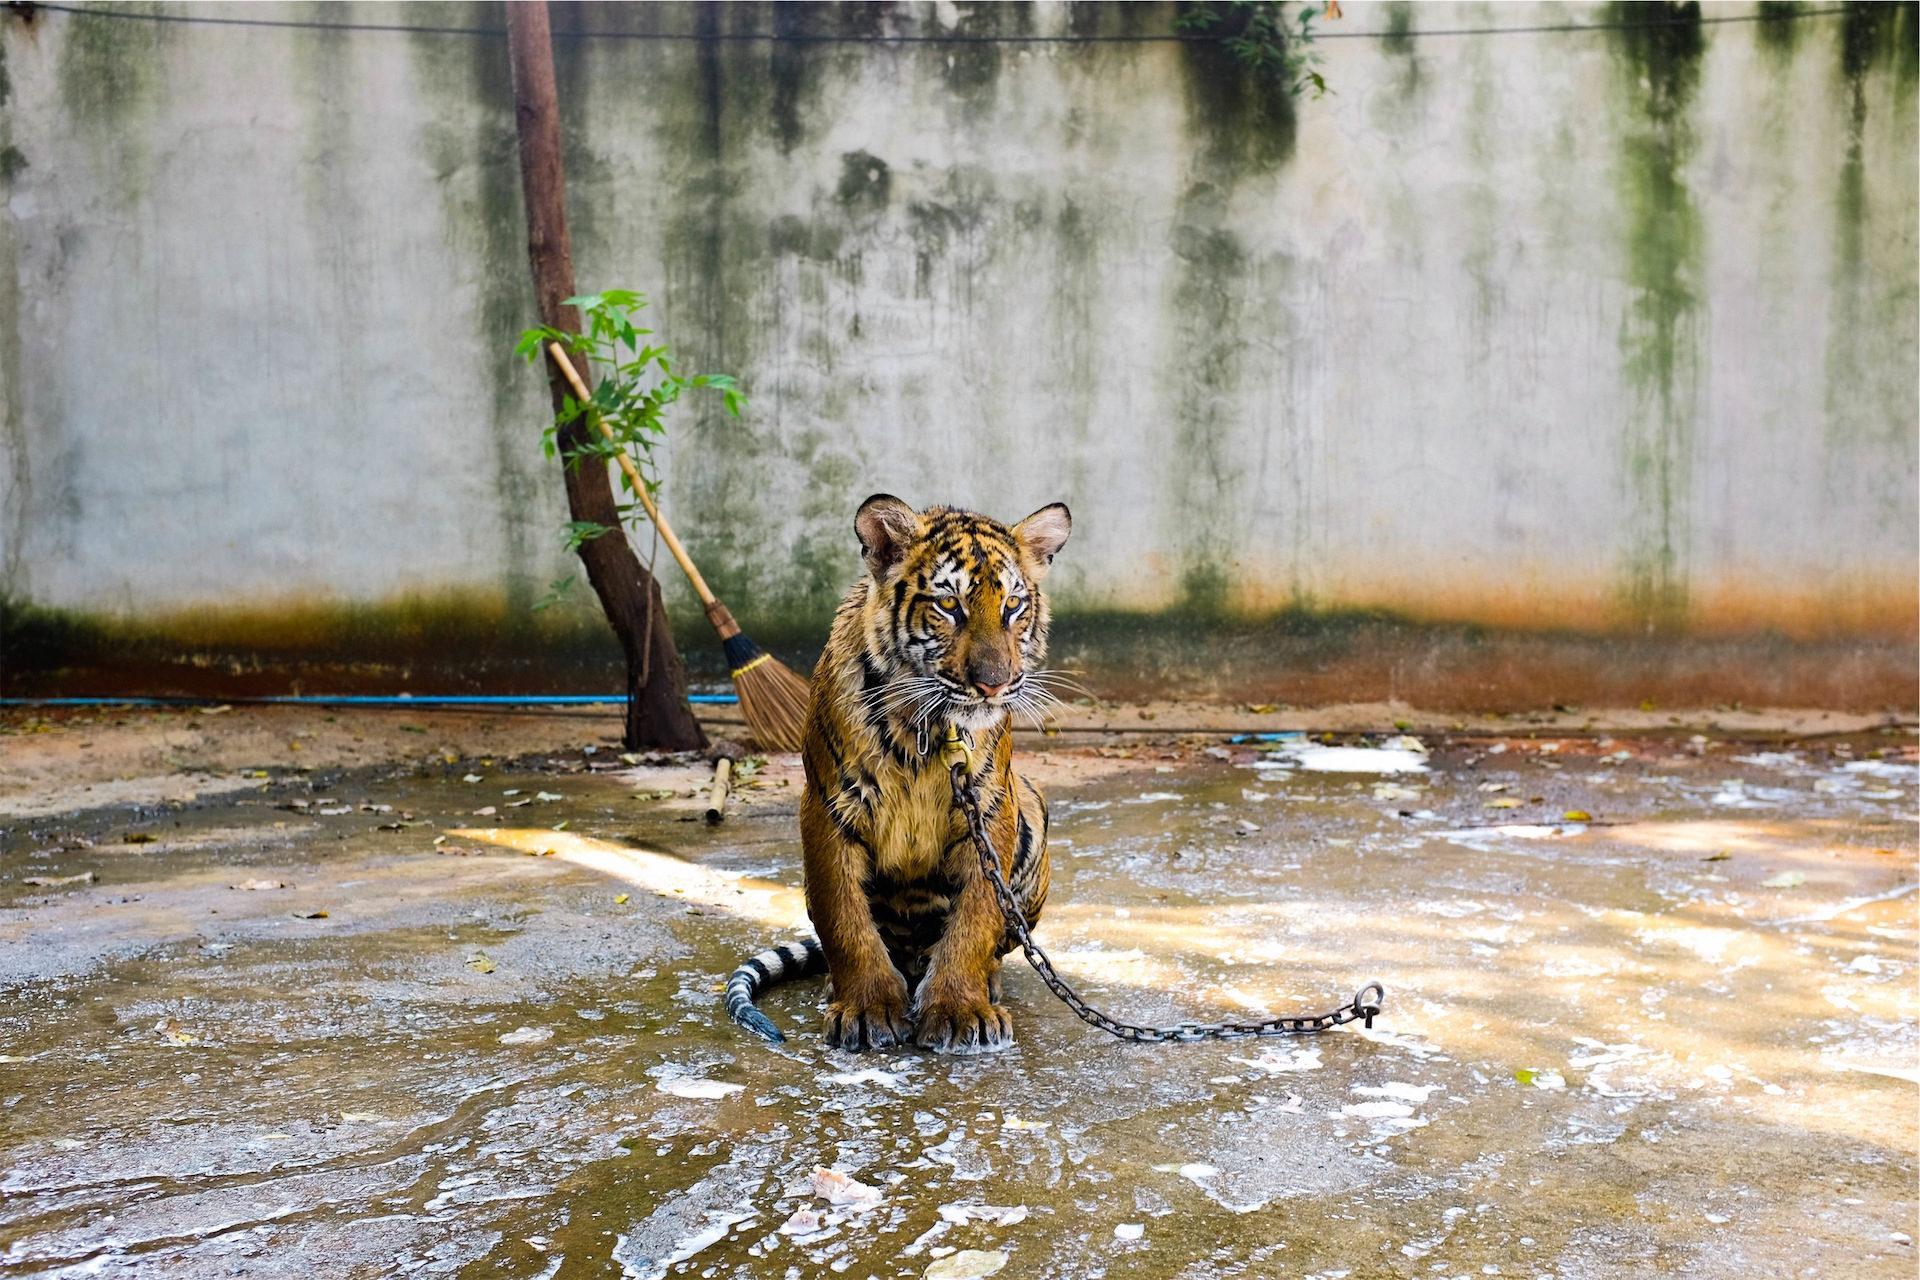 tigre, cautividad, zoológico, cadenas, 看看 - 高清壁纸 - 教授-falken.com